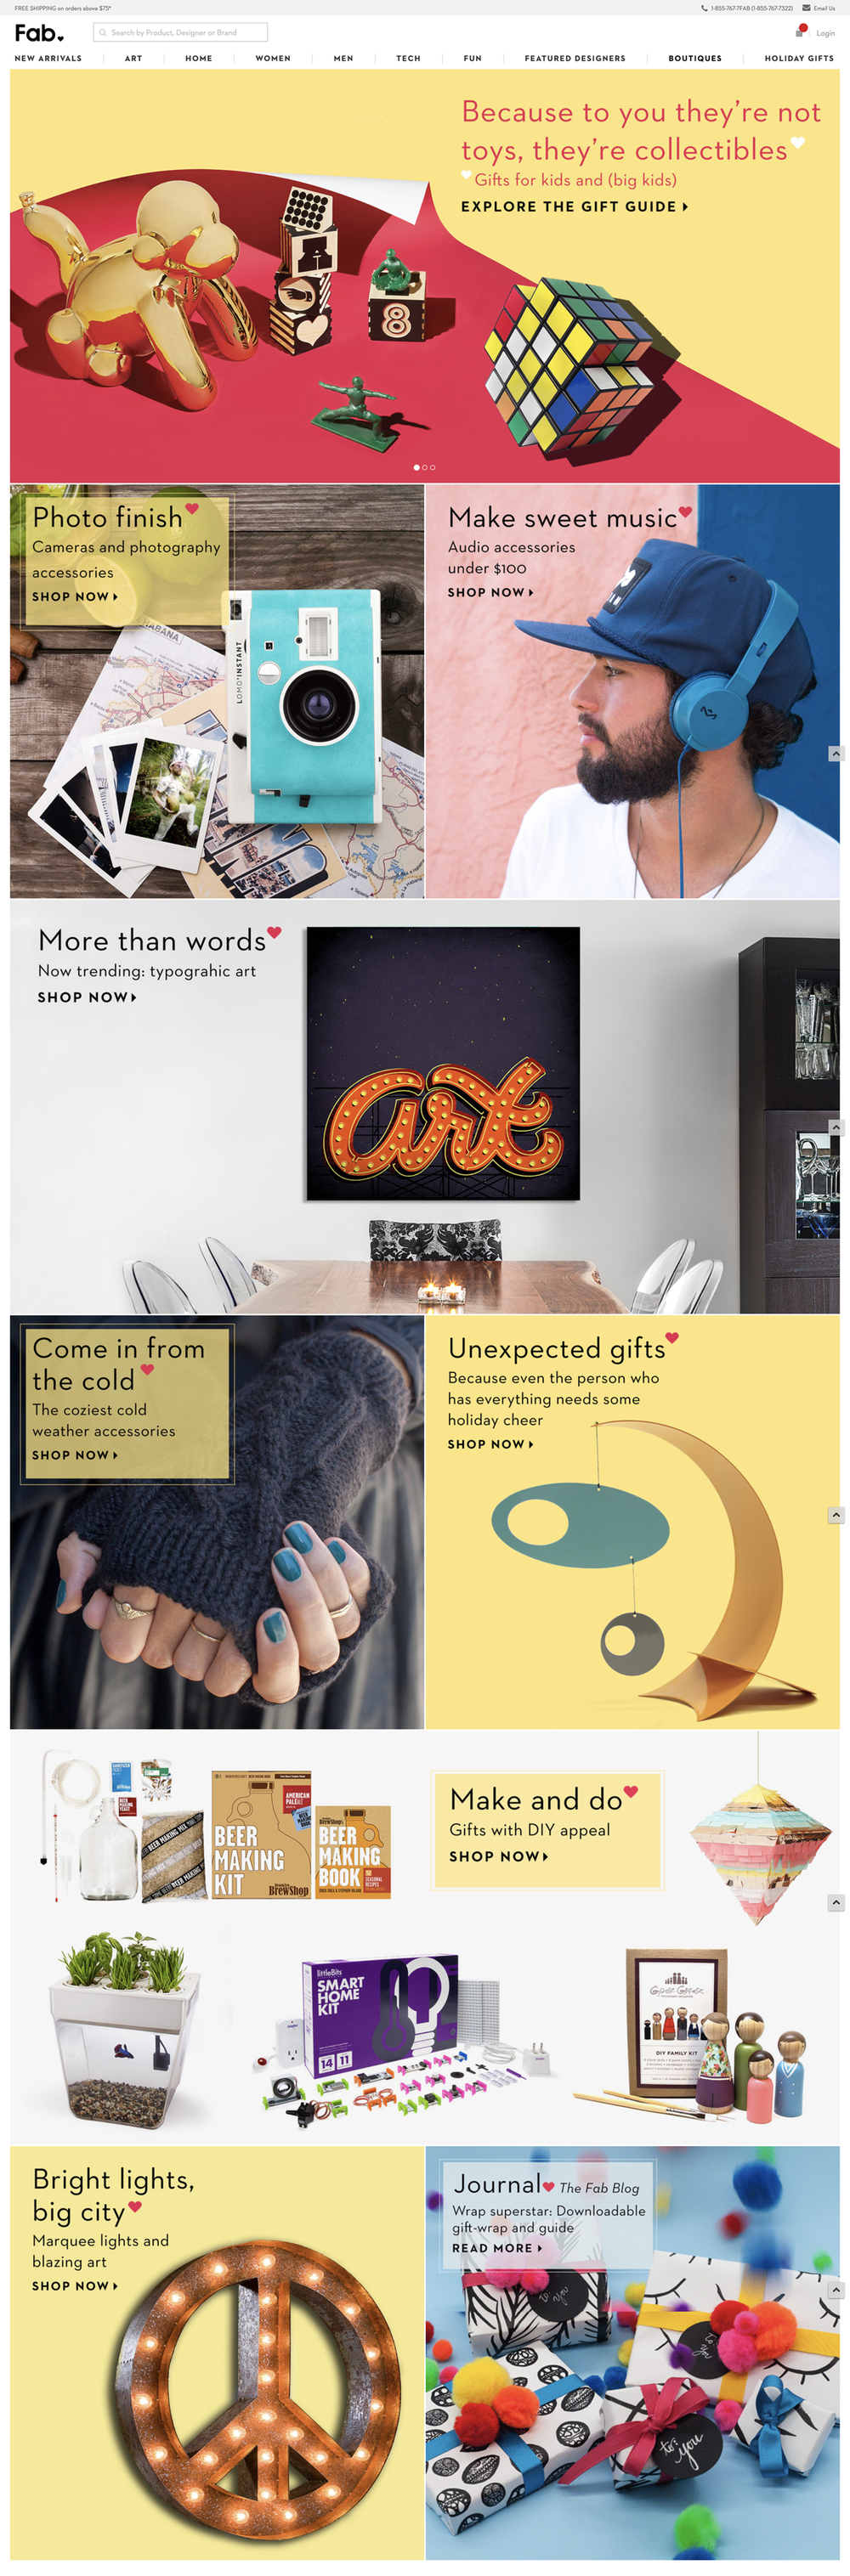 Fab.com Re-design Holiday Campaign